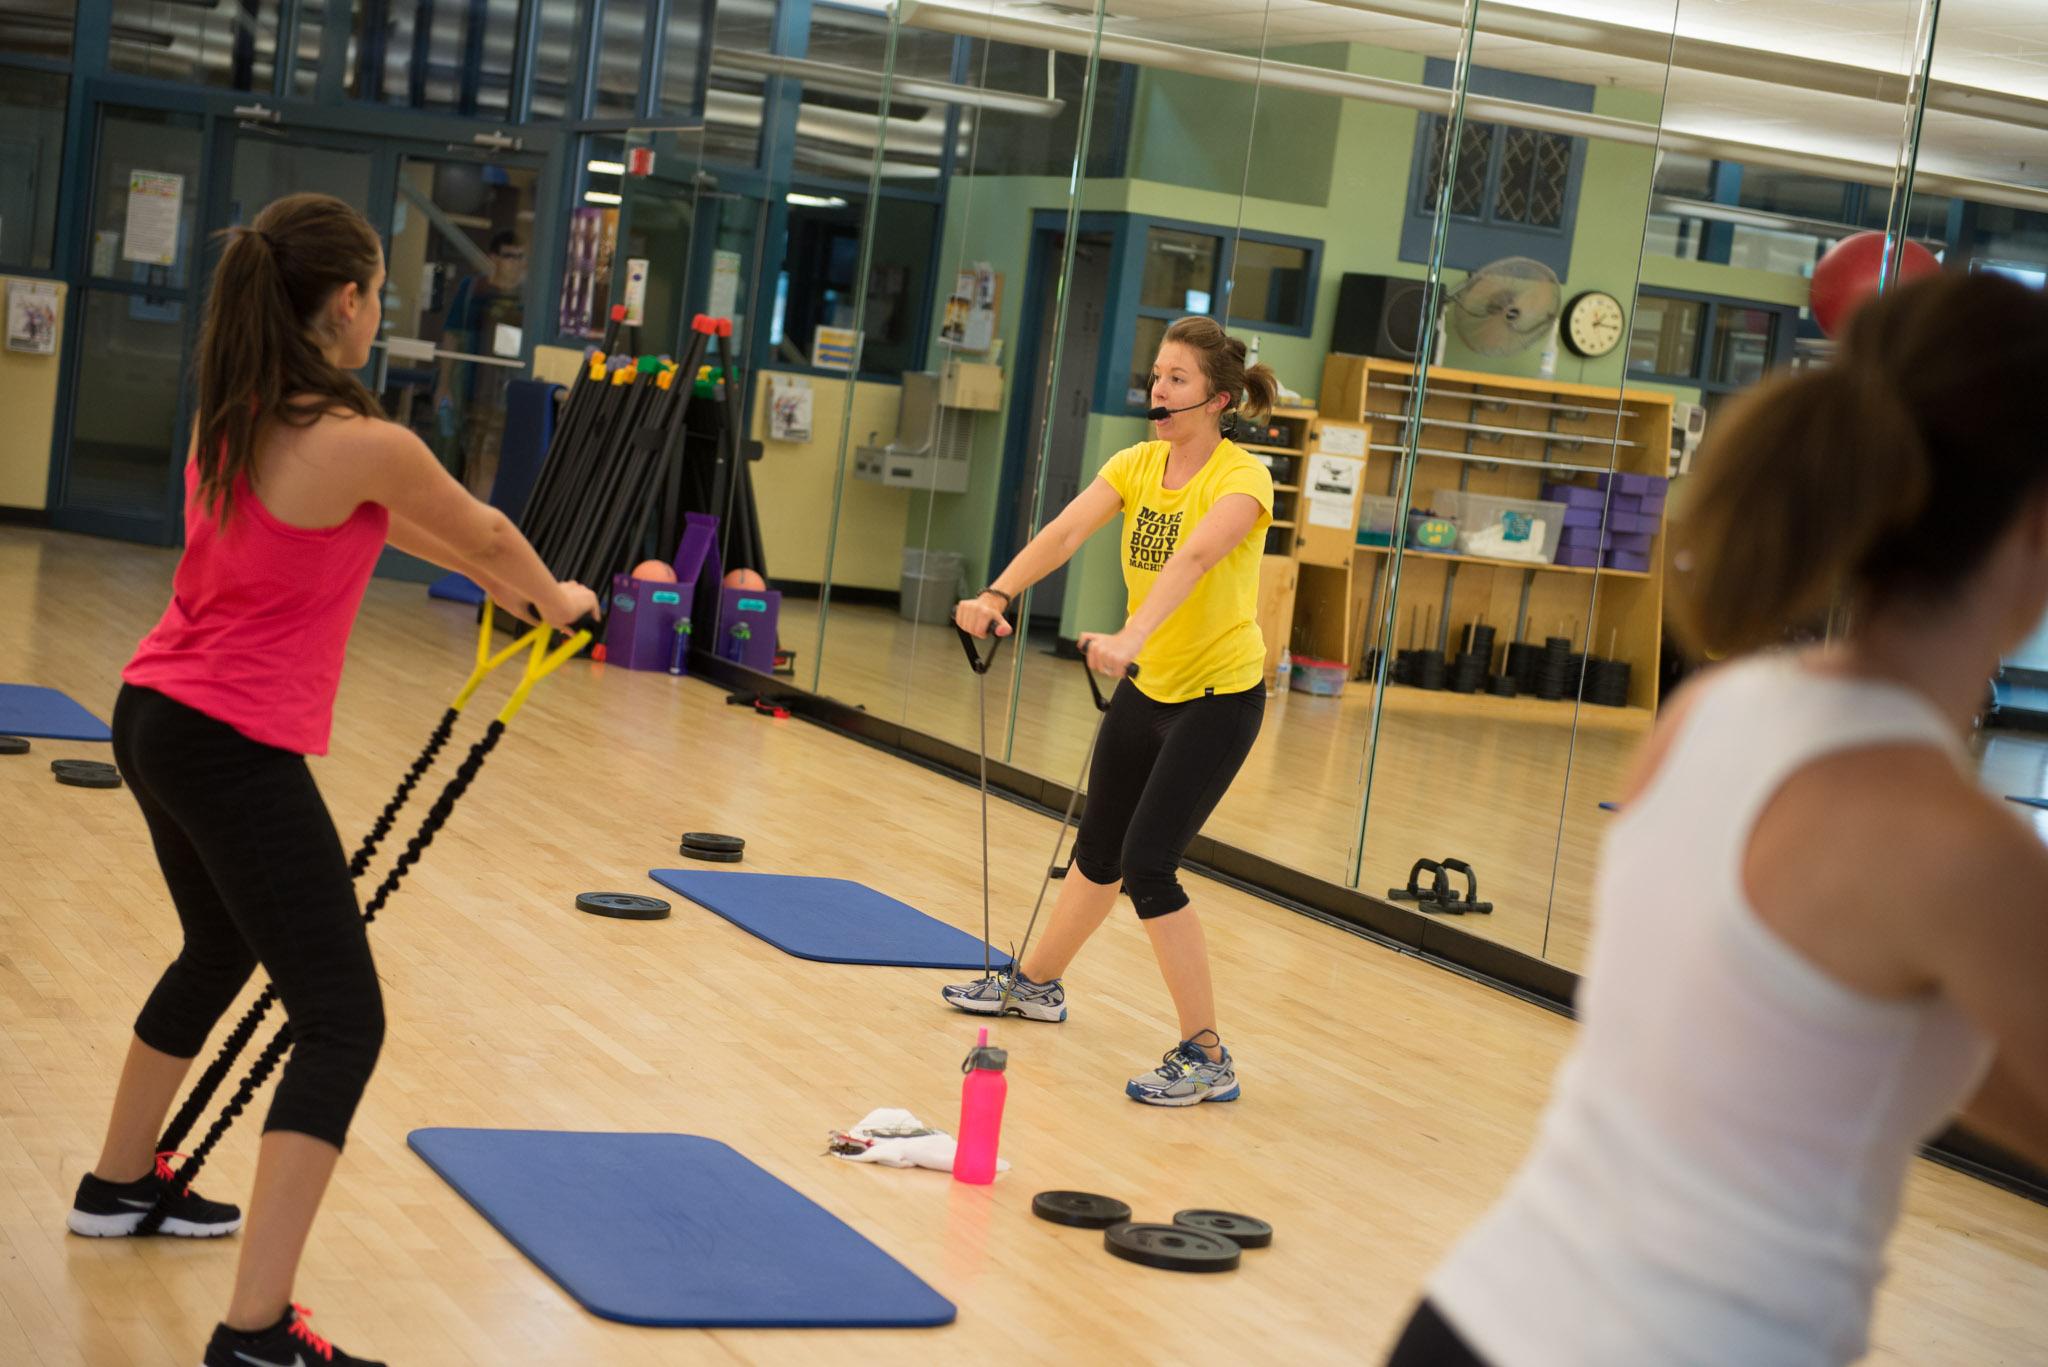 Wellness Center Stock Photos-1342.jpg